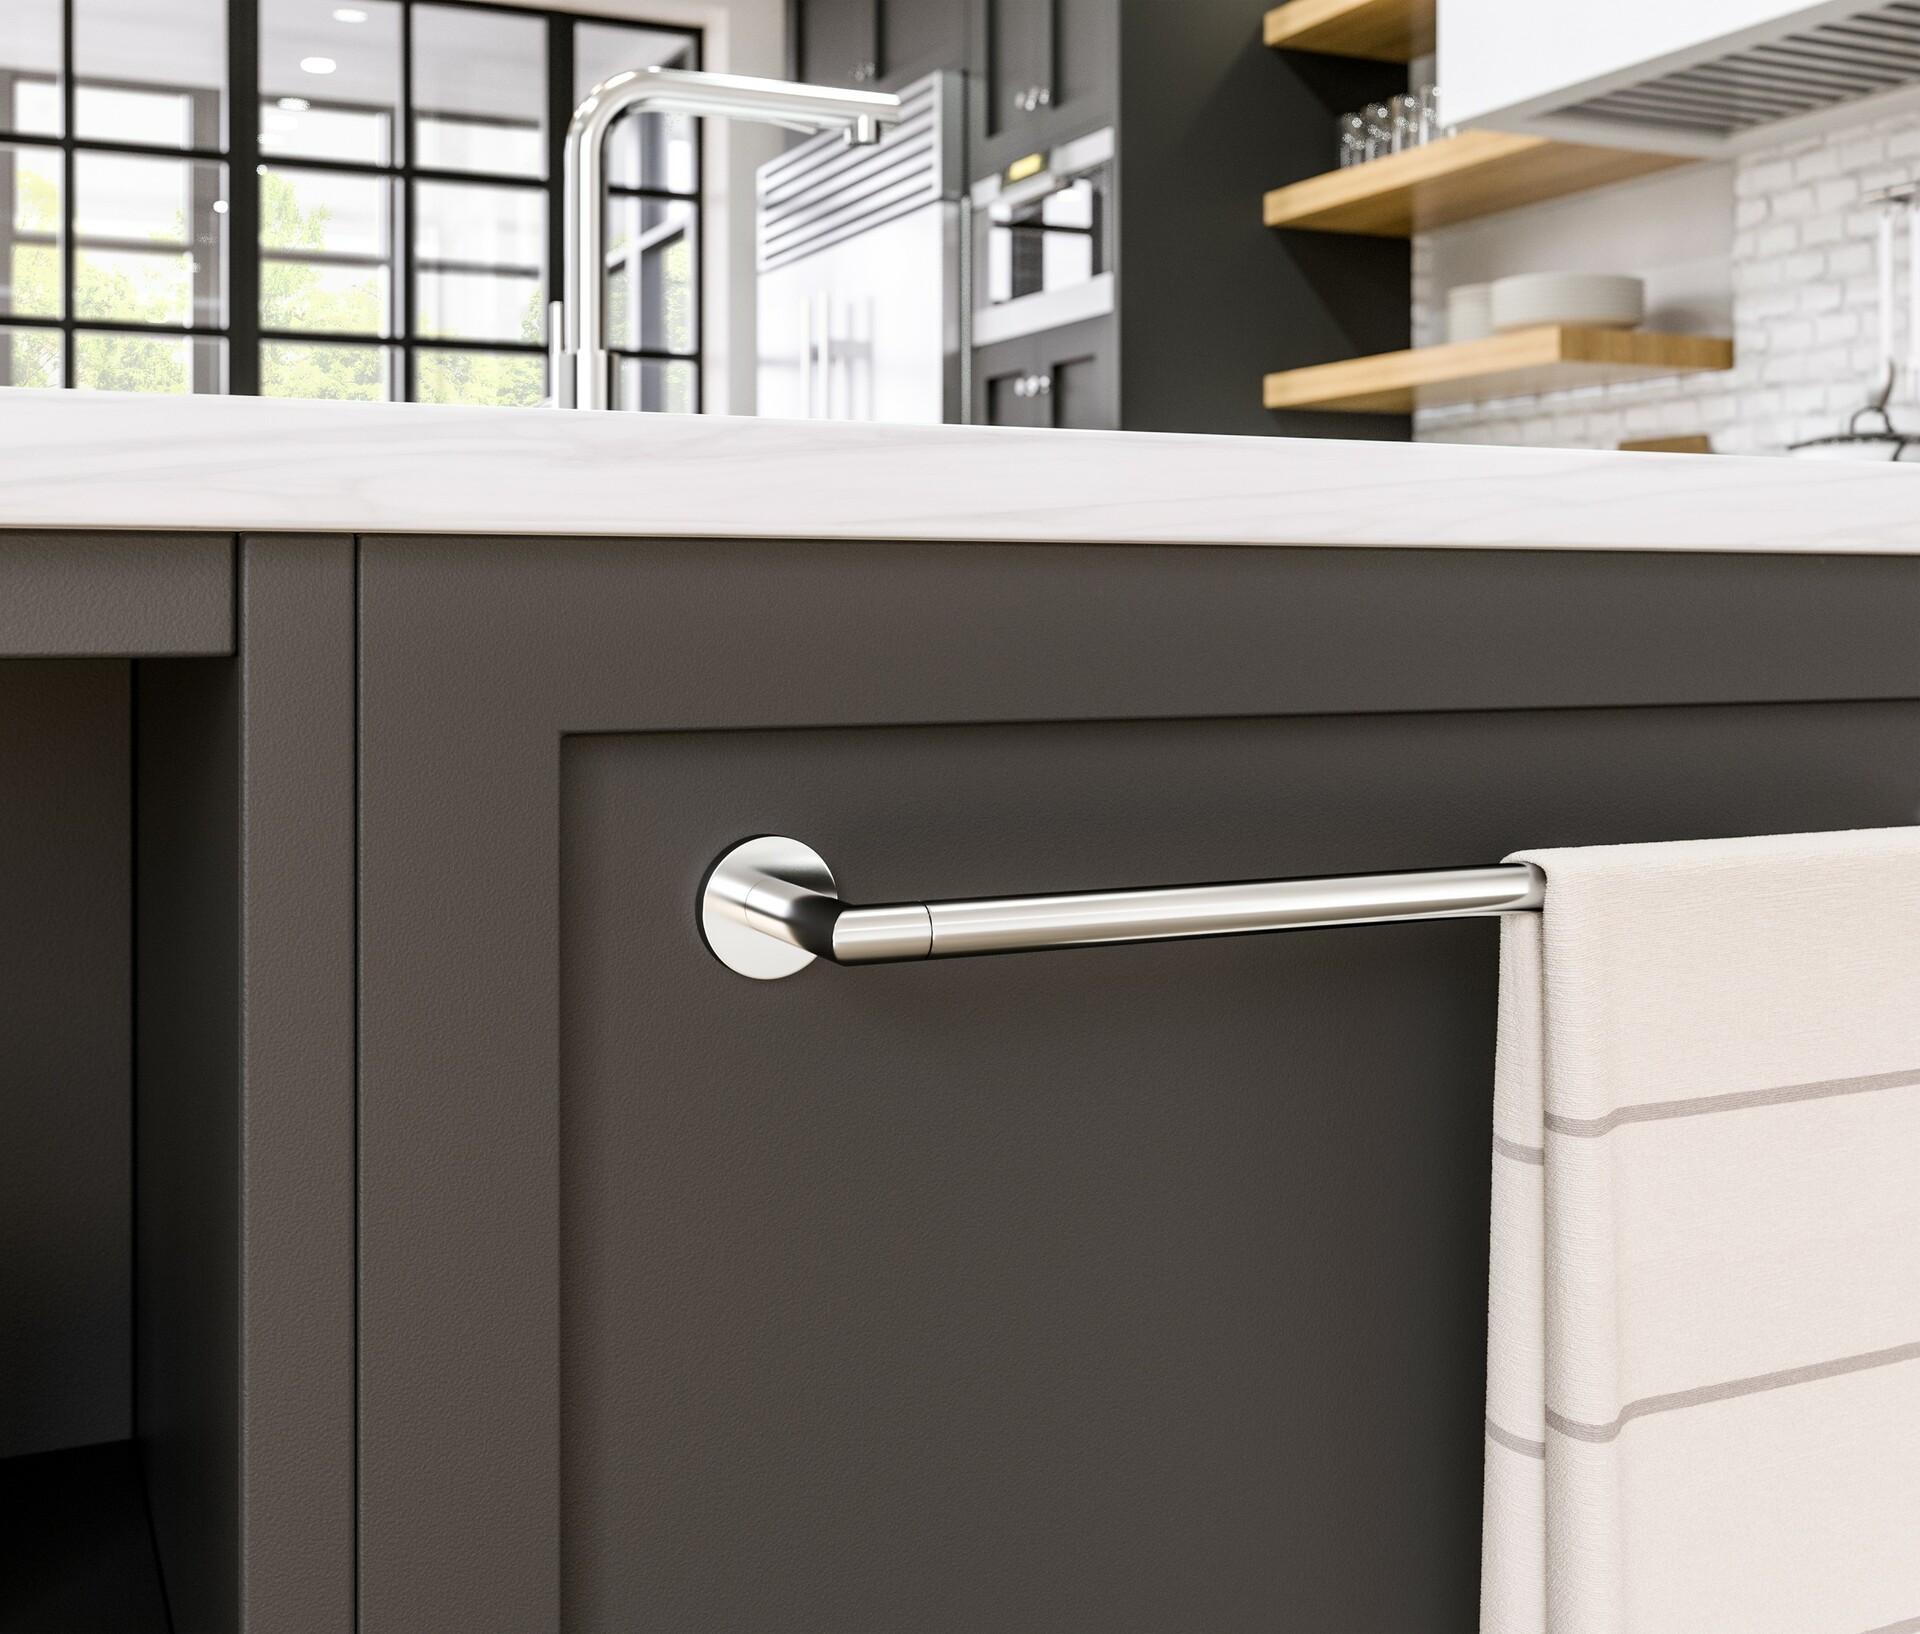 Derek malone stealer faucet kitchen rack detail r2